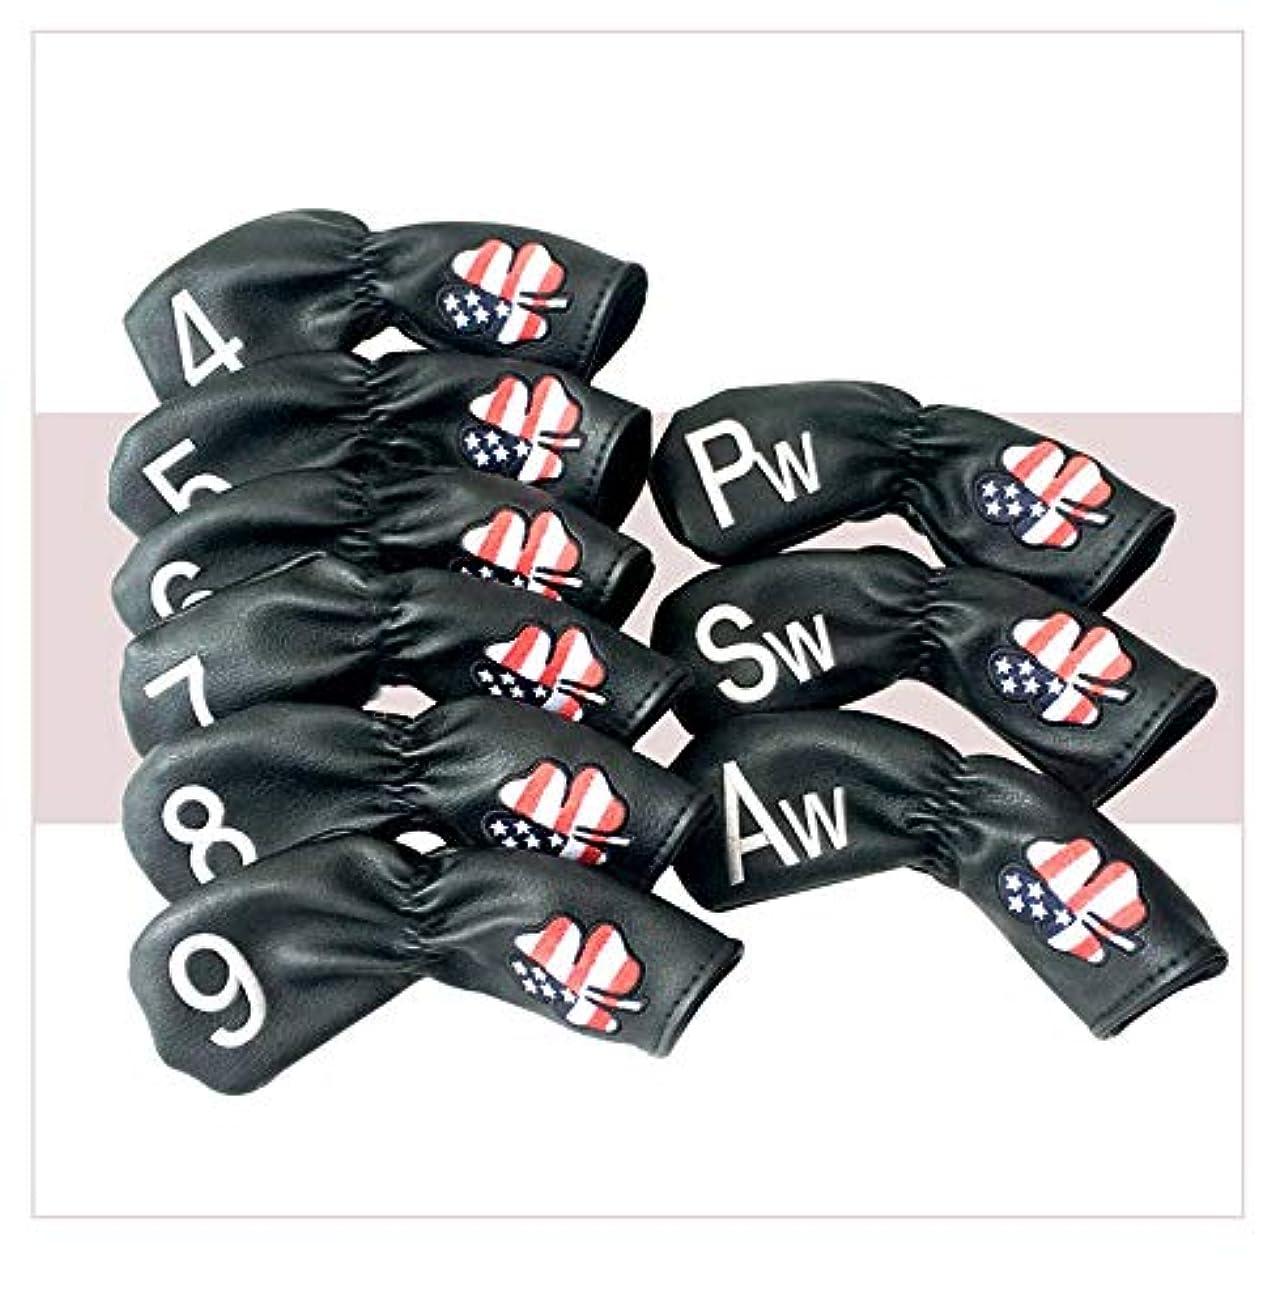 避けられないなめらか願うゴルフアイアンキャップゴルフアイアンキャップゴルフクラブアイアンスリーブウェッジ形状4 5 6 7 8 9、P、A、S、L、X